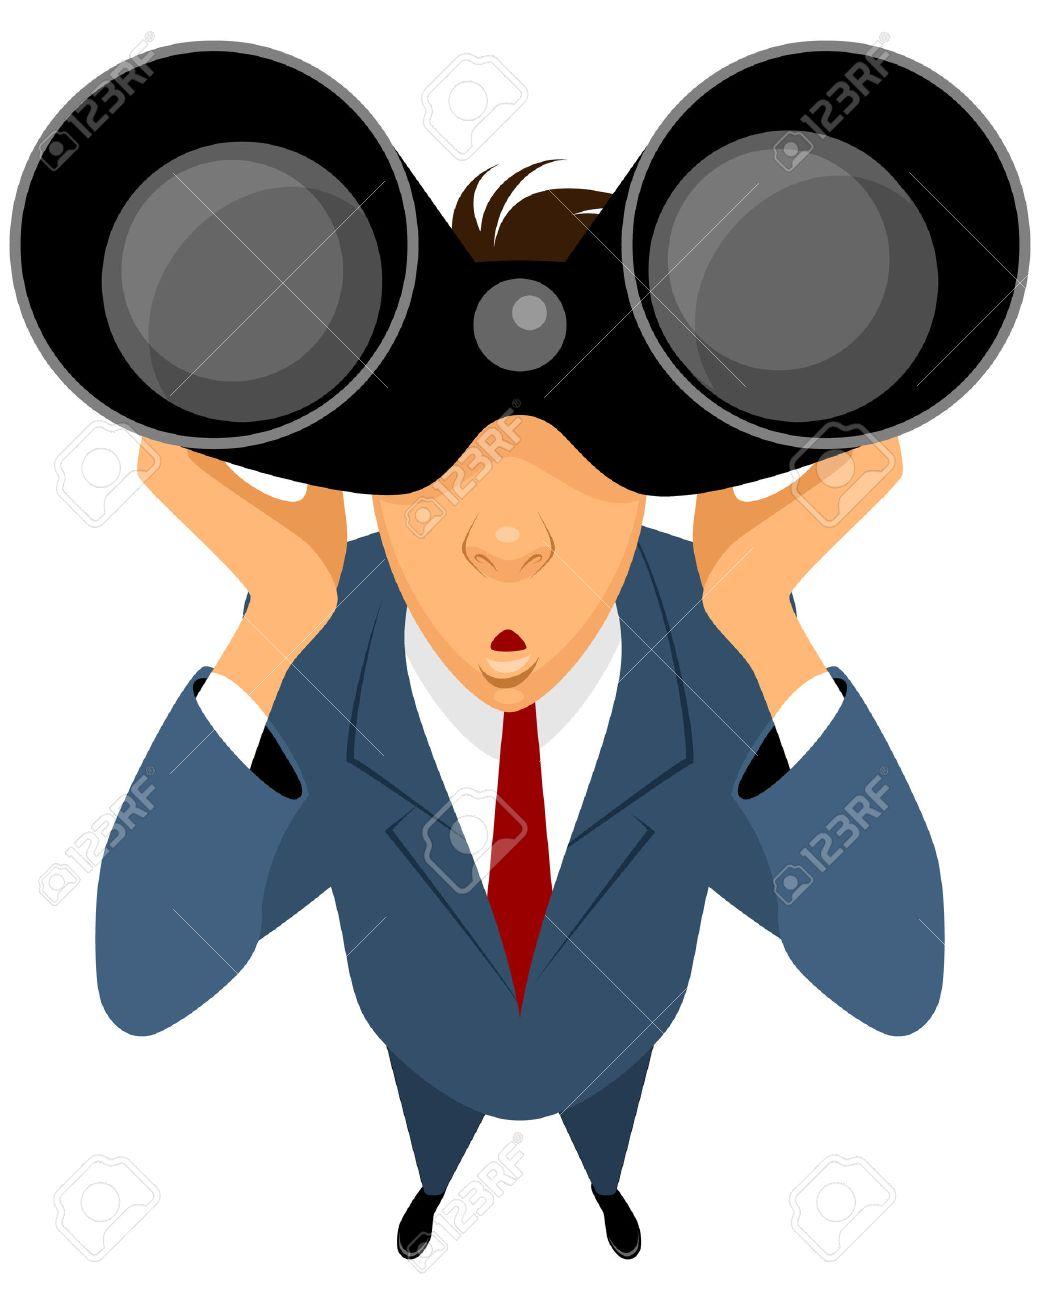 双眼鏡でみるビジネスマンのベクトル イラスト ロイヤリティフリー